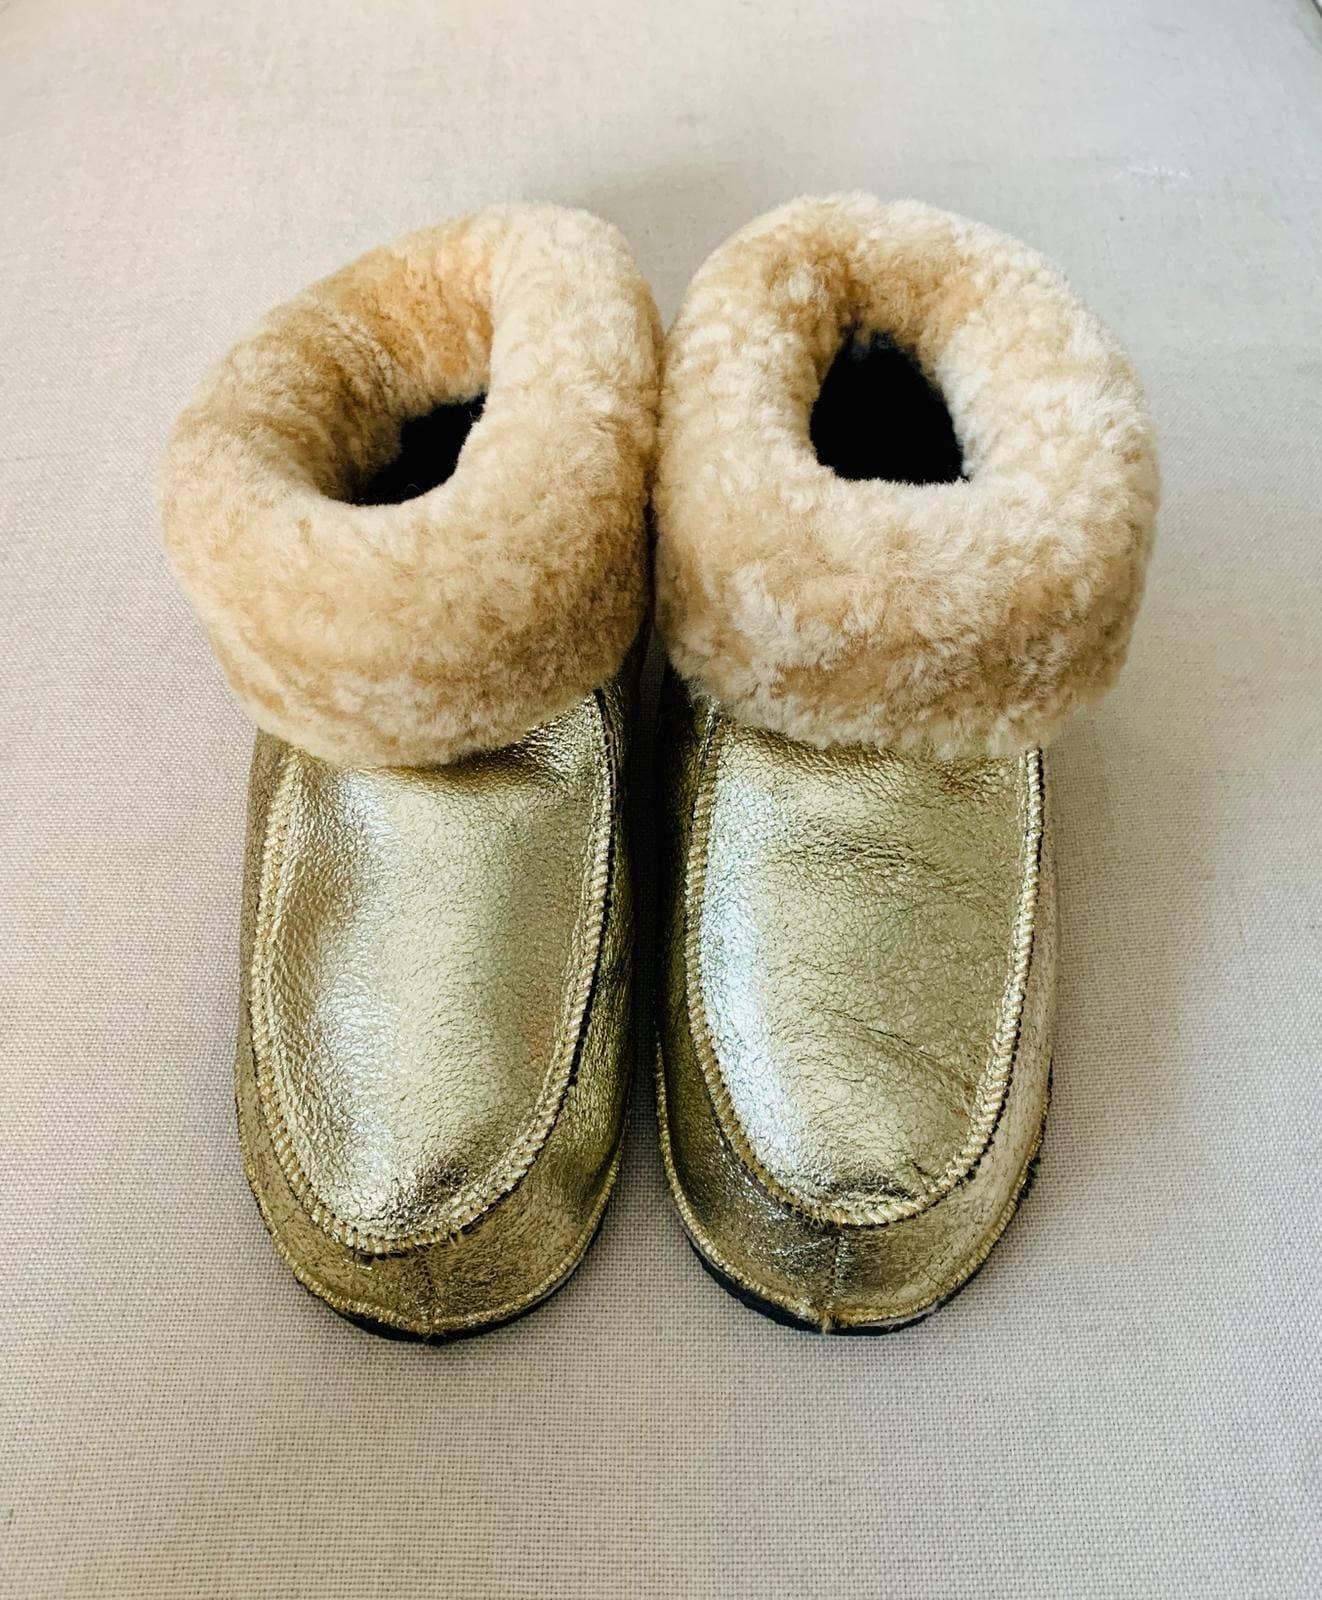 chaussons doré